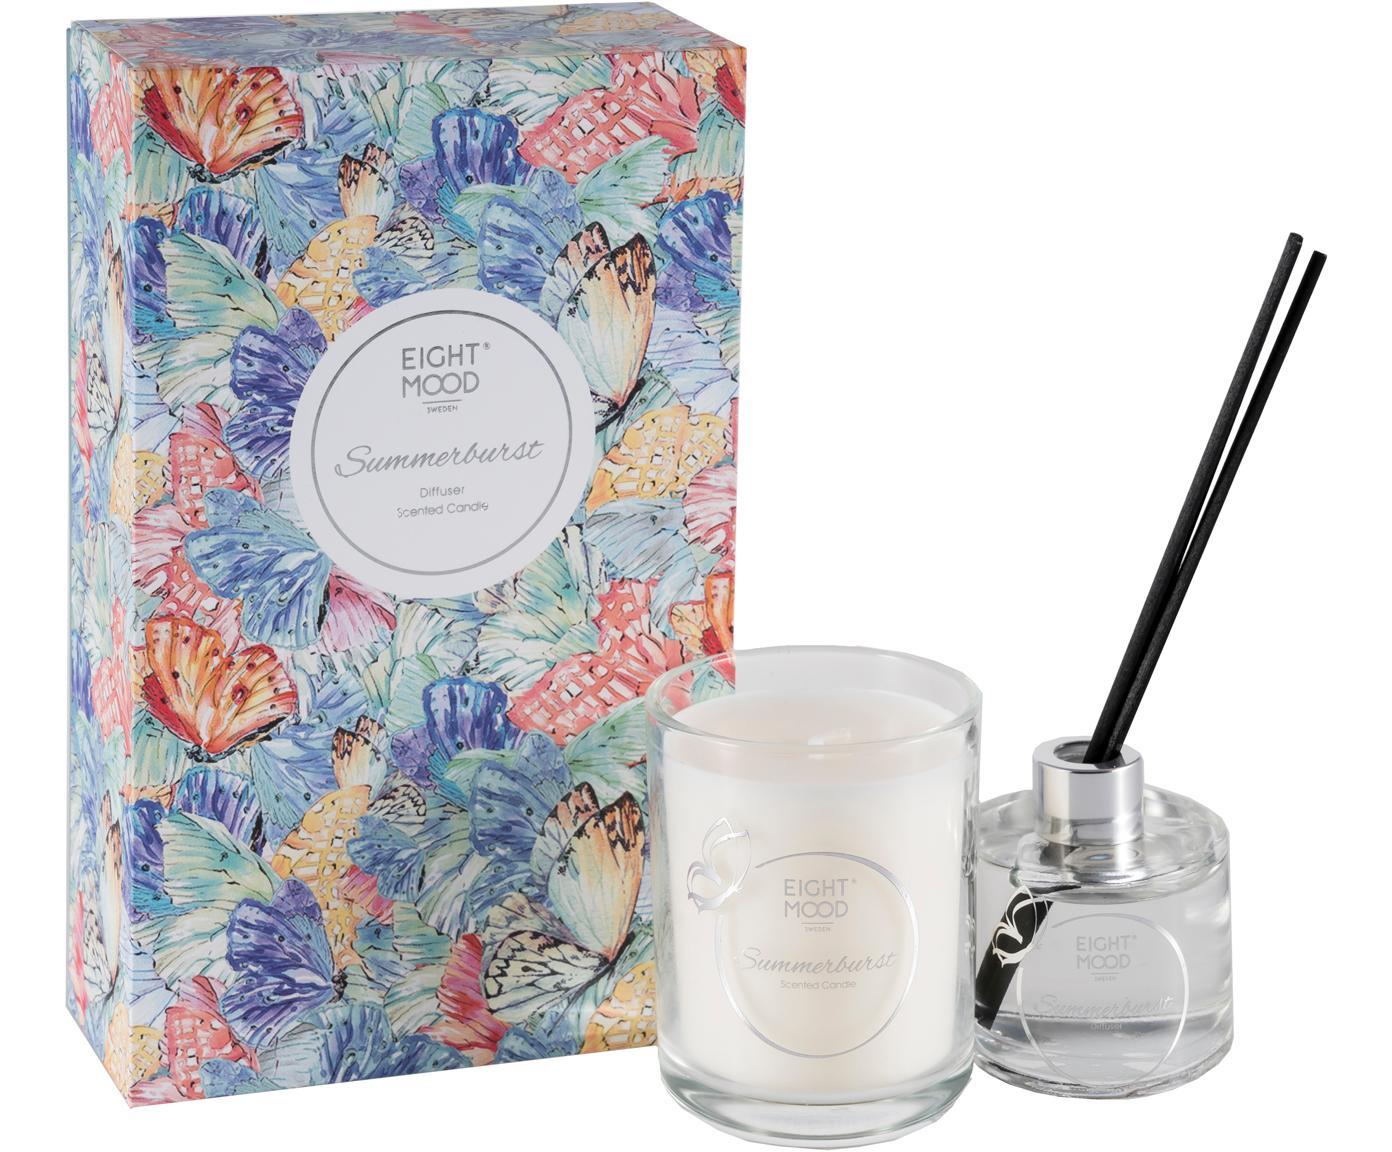 Ambientador & vela perfumada Summerburst (manzana, cassis y naranja), 2pzas., Caja: papel, Recipiente: cristal, Multicolor, An 10 x Al 22 cm